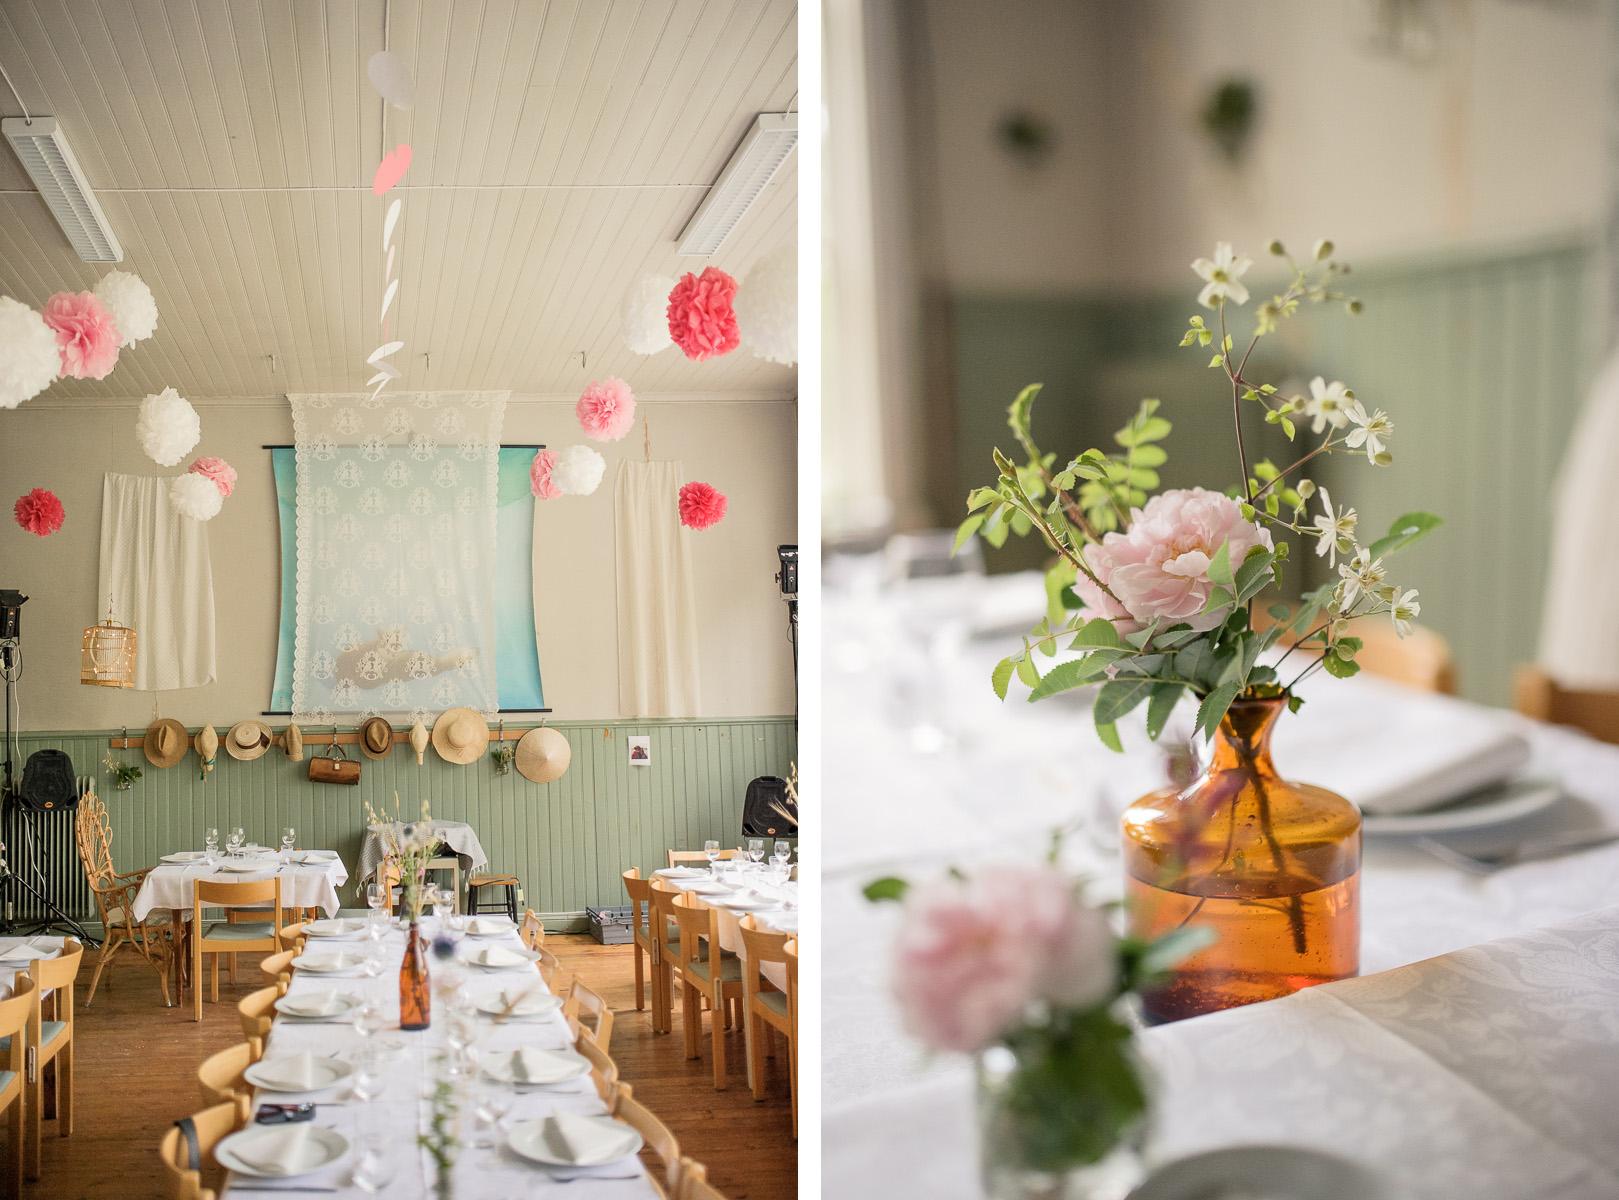 _DSC0860 Bohemiskt lantligt vintage bröllop i gammal byskola.jpg